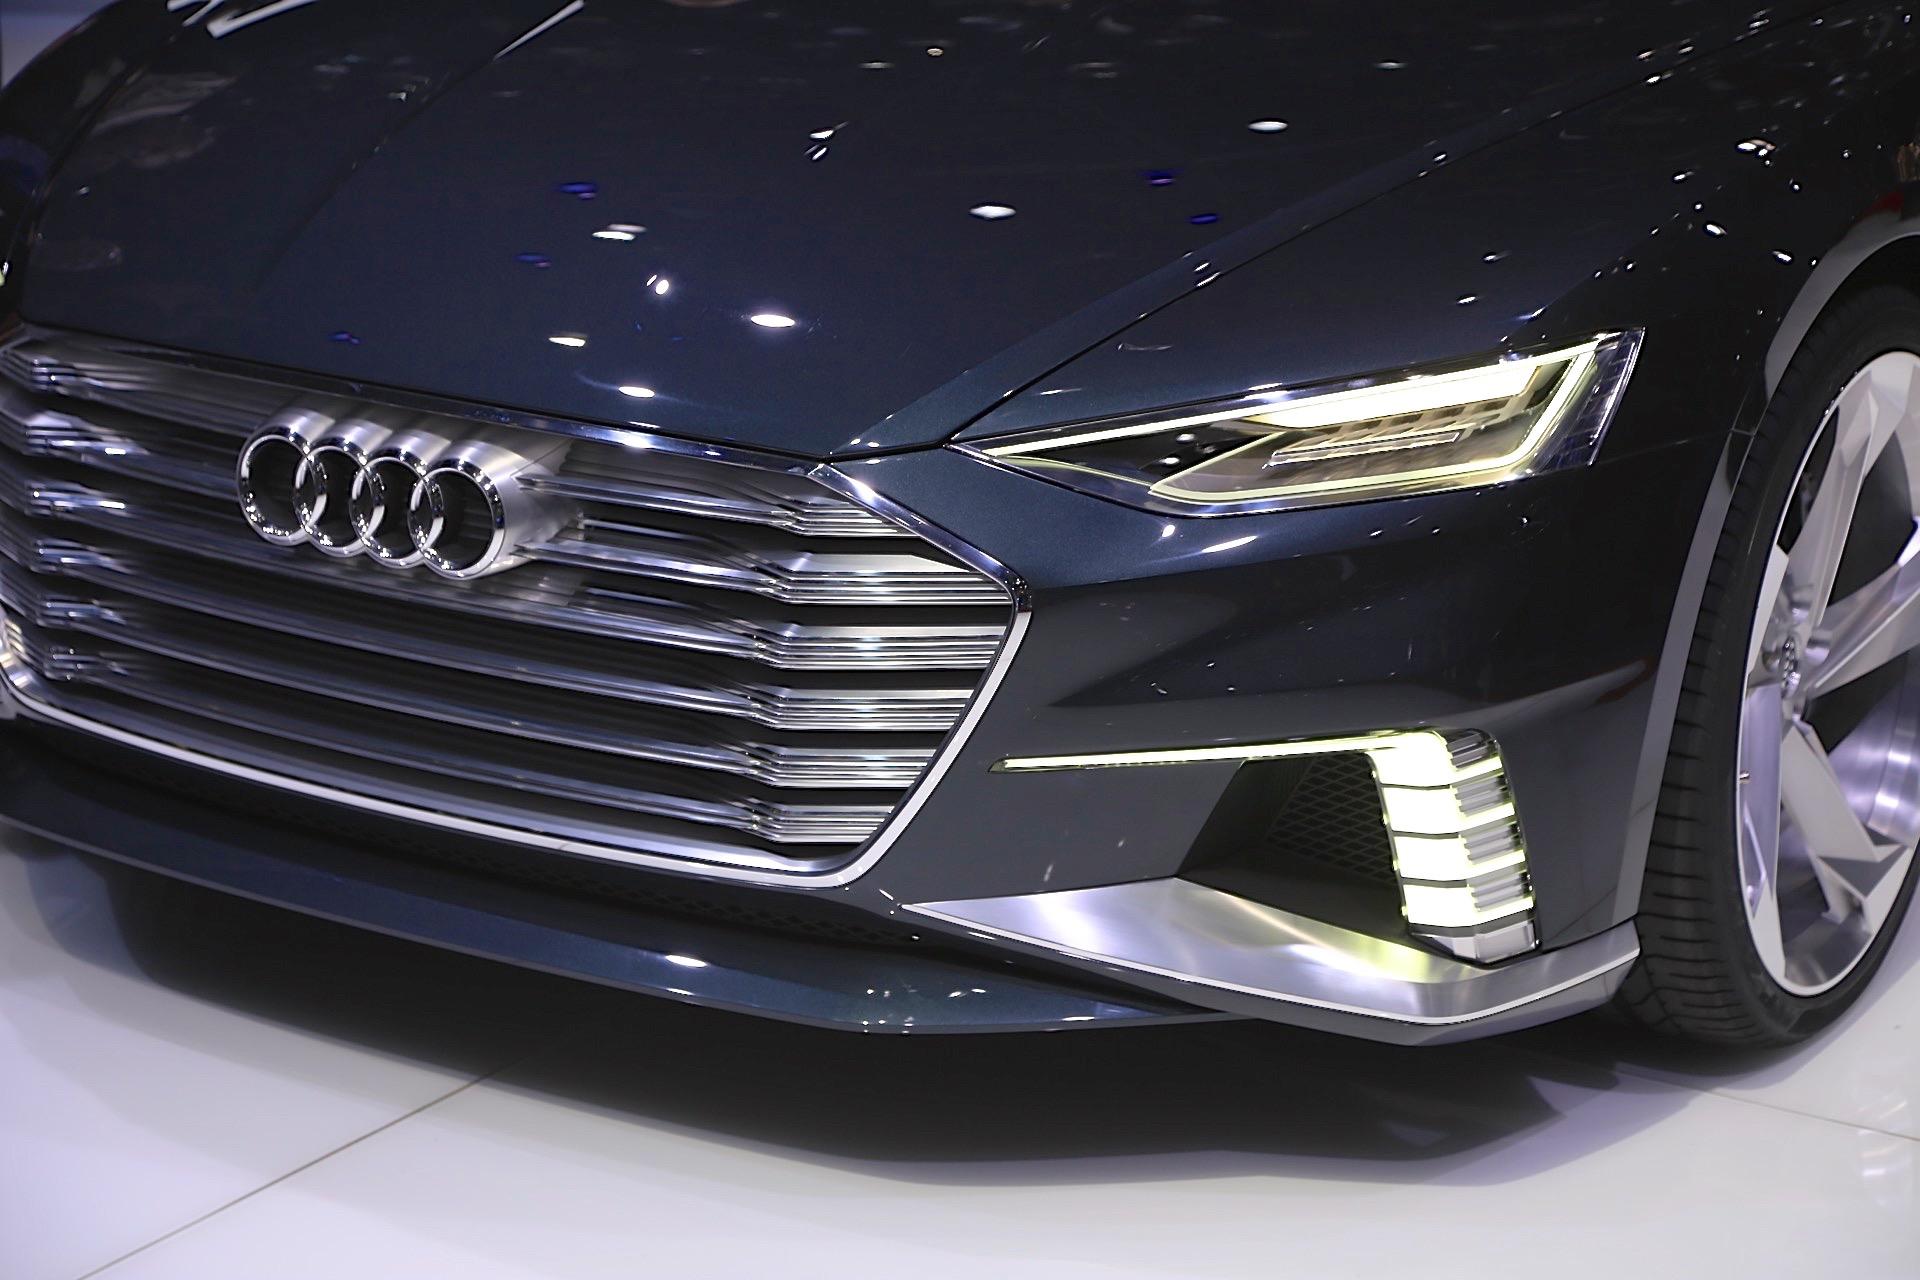 Audi A9 E Tron Electric Car Tesla Model S Rival To